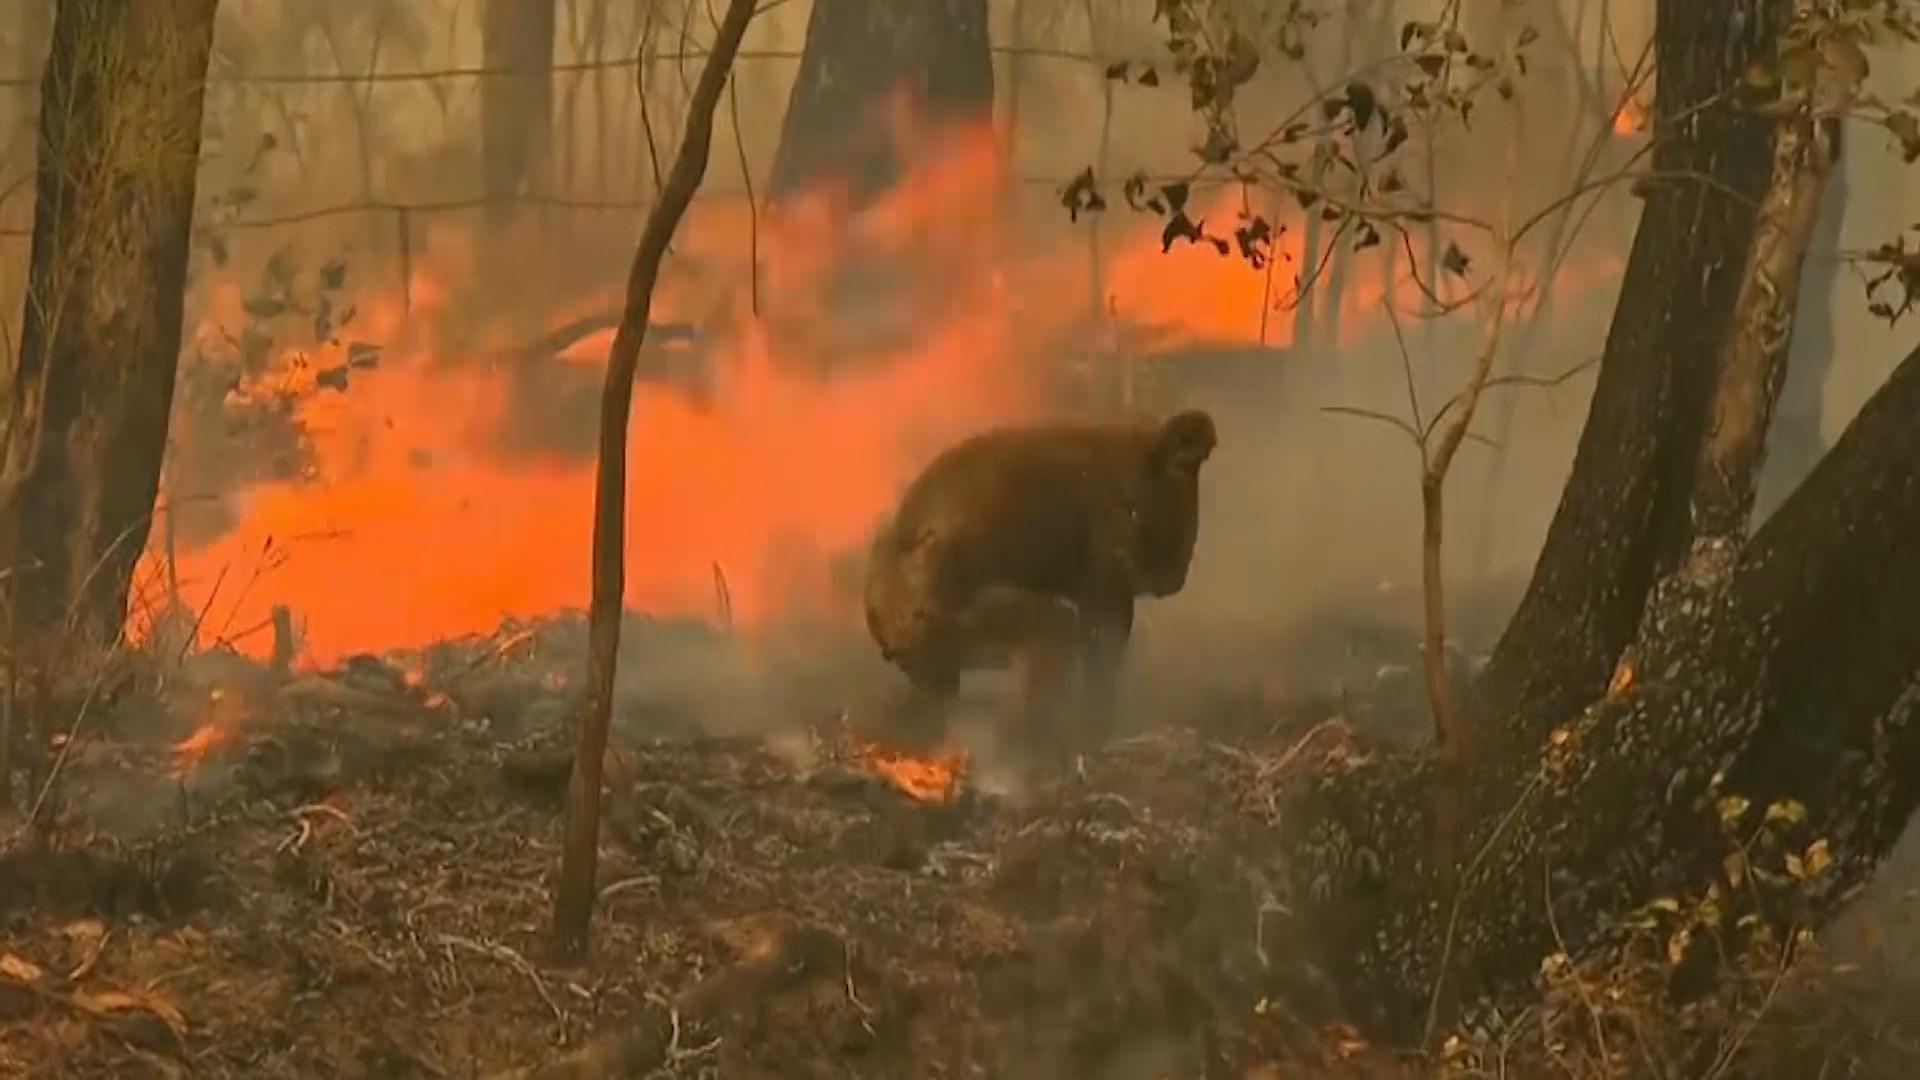 waldbrände australien 2020